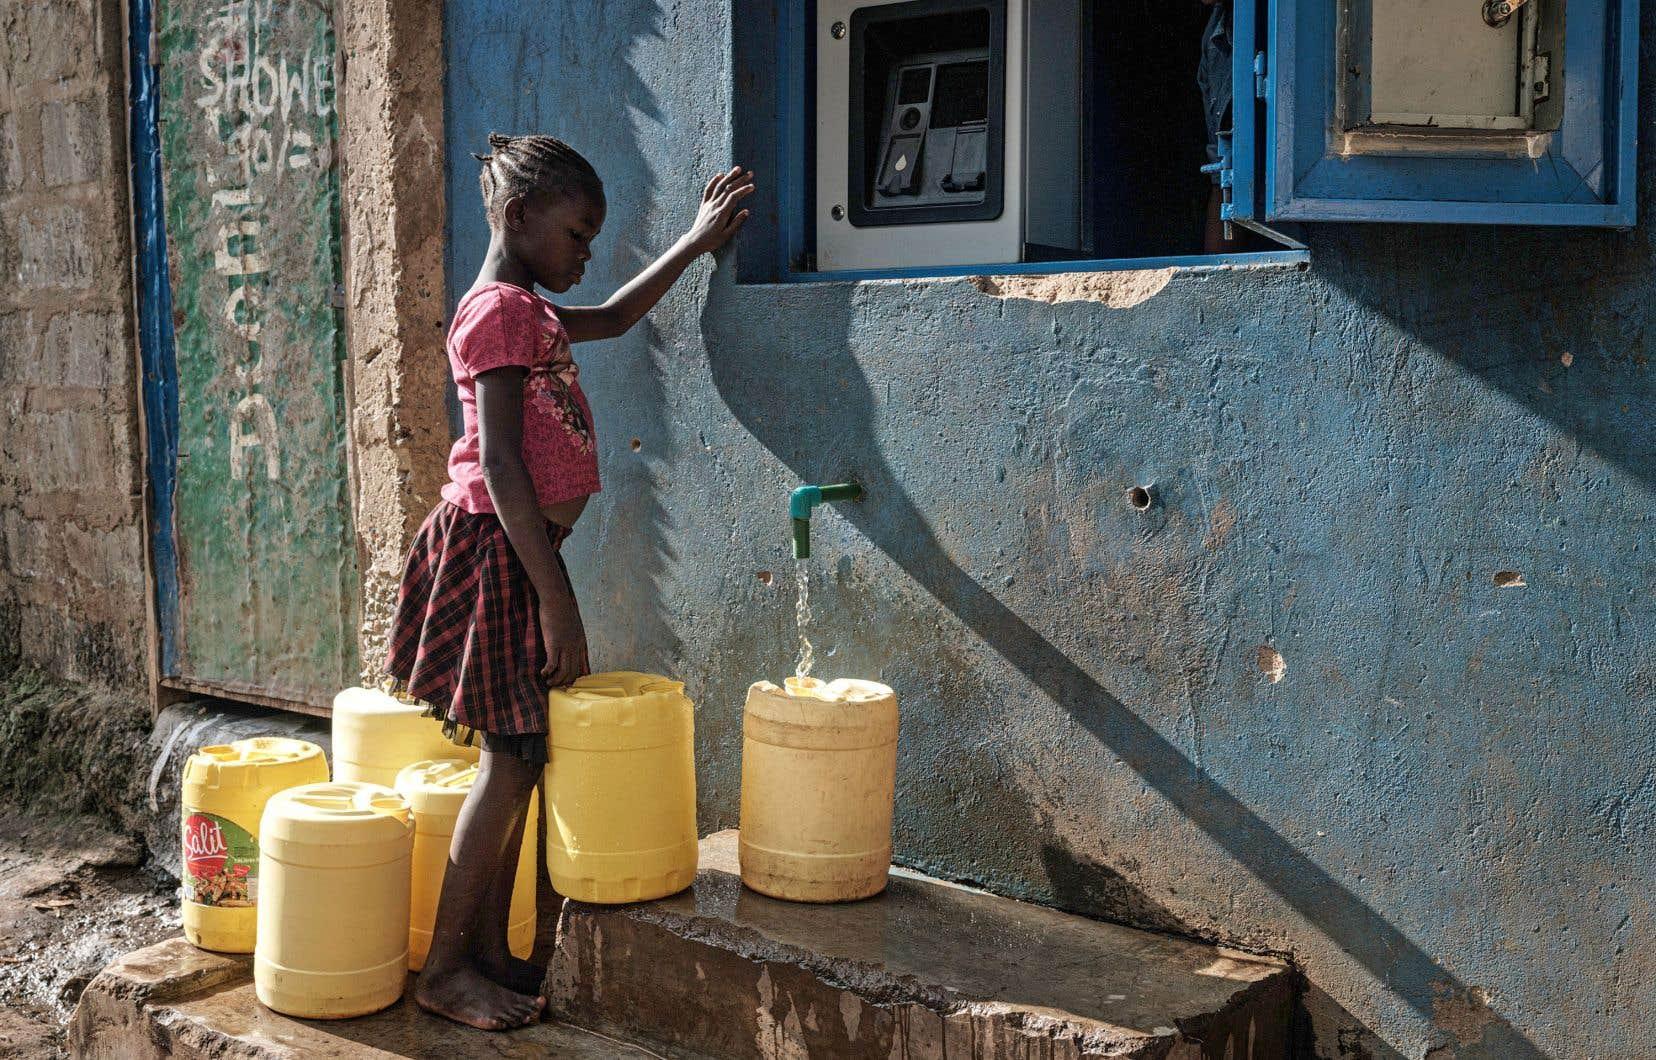 «La responsabilité de l'approvisionnement en eau revient souvent aux femmes et aux filles, les empêchant de fréquenter l'école ou de s'adonner à des activités productrices pour accroître leurs revenus», souligne l'auteur.